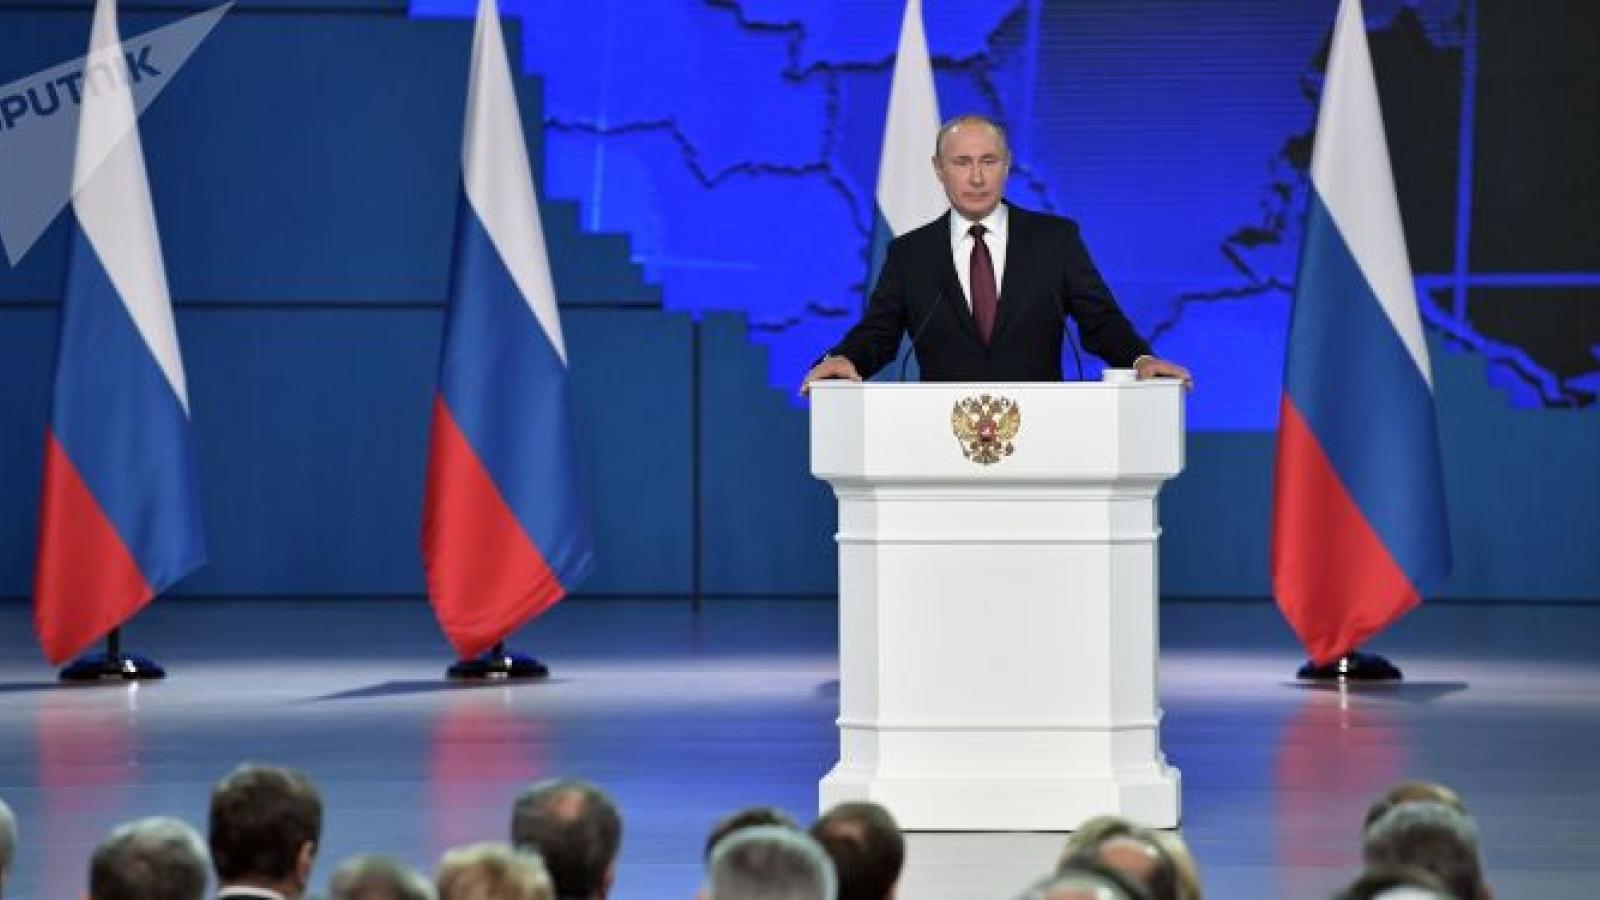 Putin: Nga sẽ tìm cách bảo vệ lợi ích của mình nếu các nước khác từ chối đối thoại